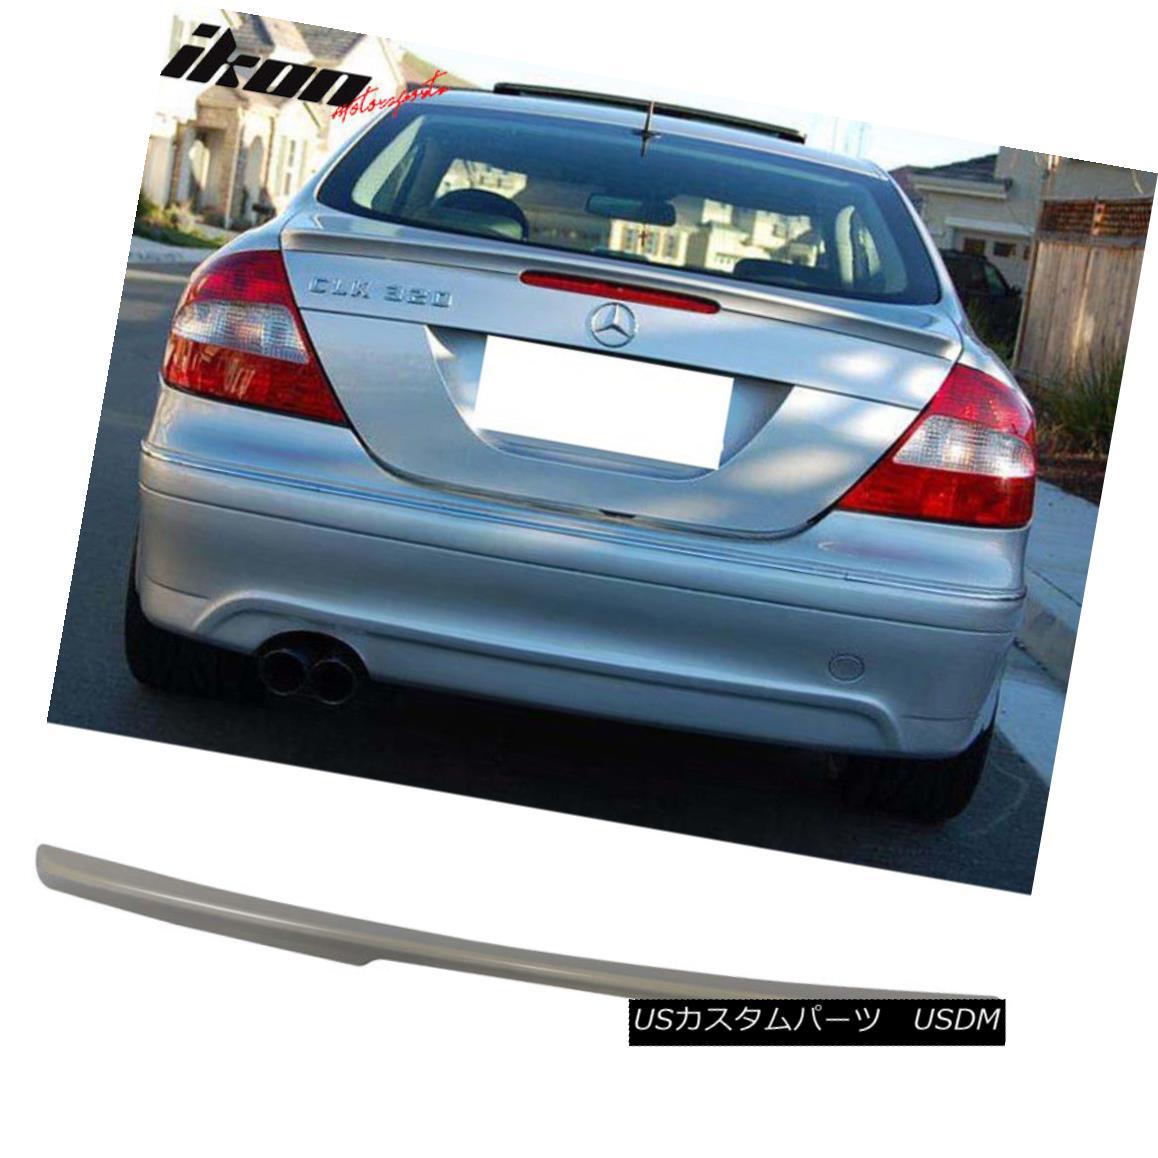 エアロパーツ 03-08 Mercedes-Benz W209 CLK-Class 2Dr Coupe ABS Rear Trunk Deck Lid Spoiler 03-08メルセデスベンツW209 CLKクラス2DrクーペABSリアトランクデッキリッドスポイラー